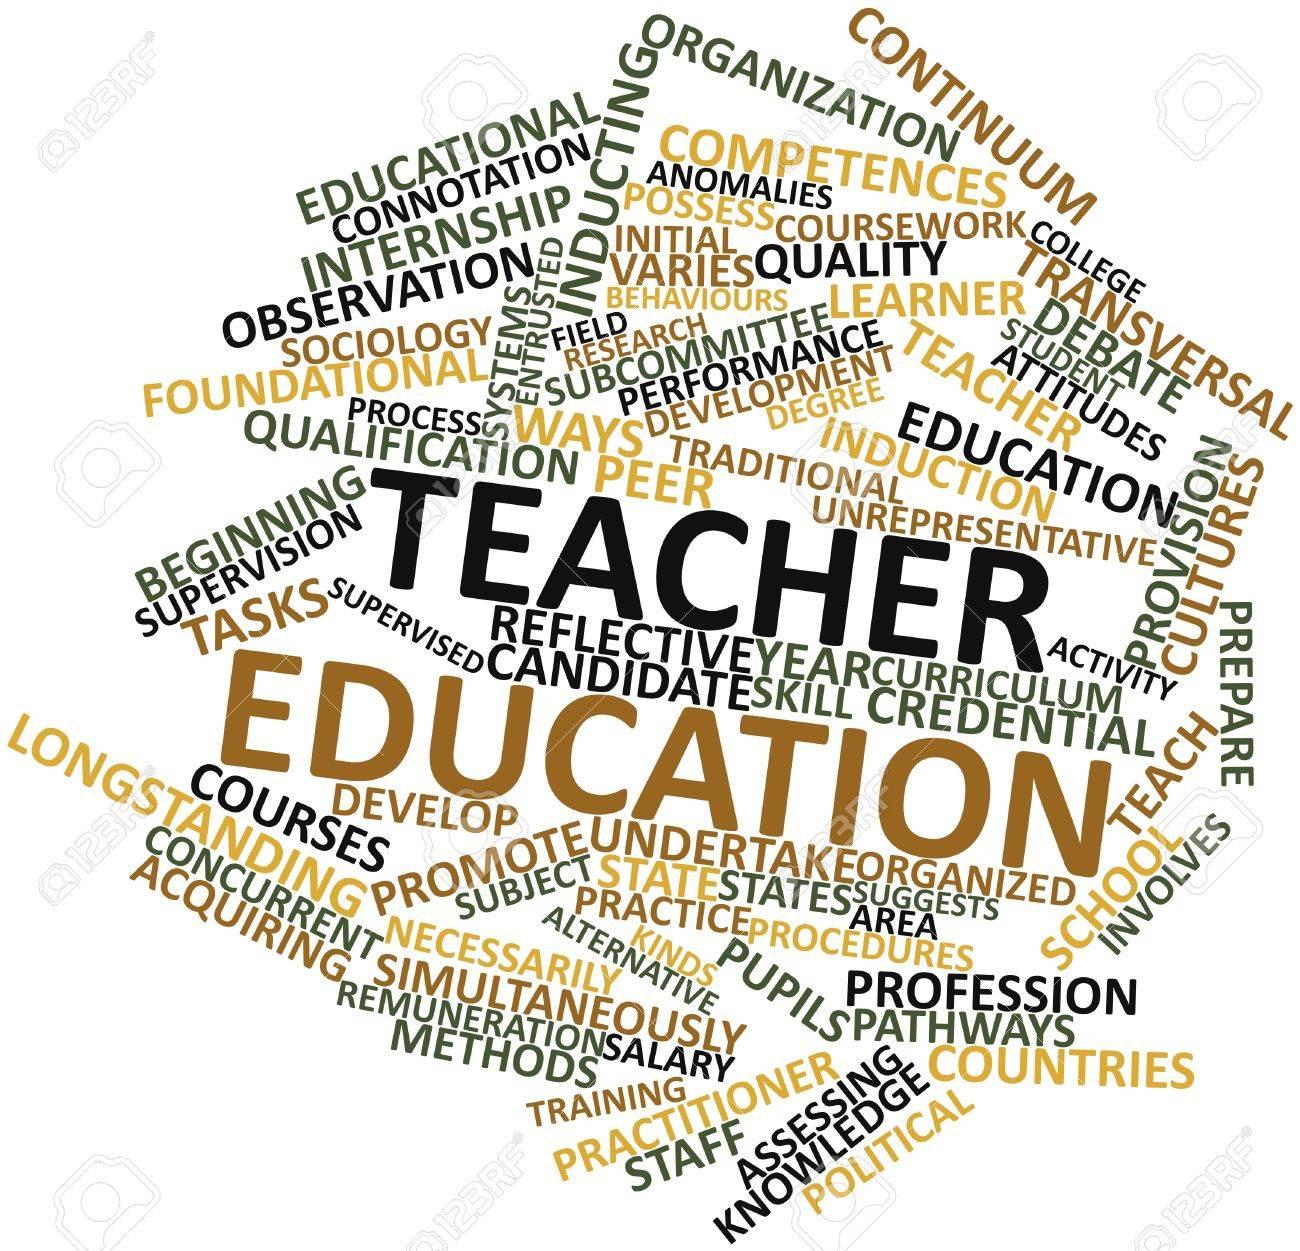 Teacher Ed